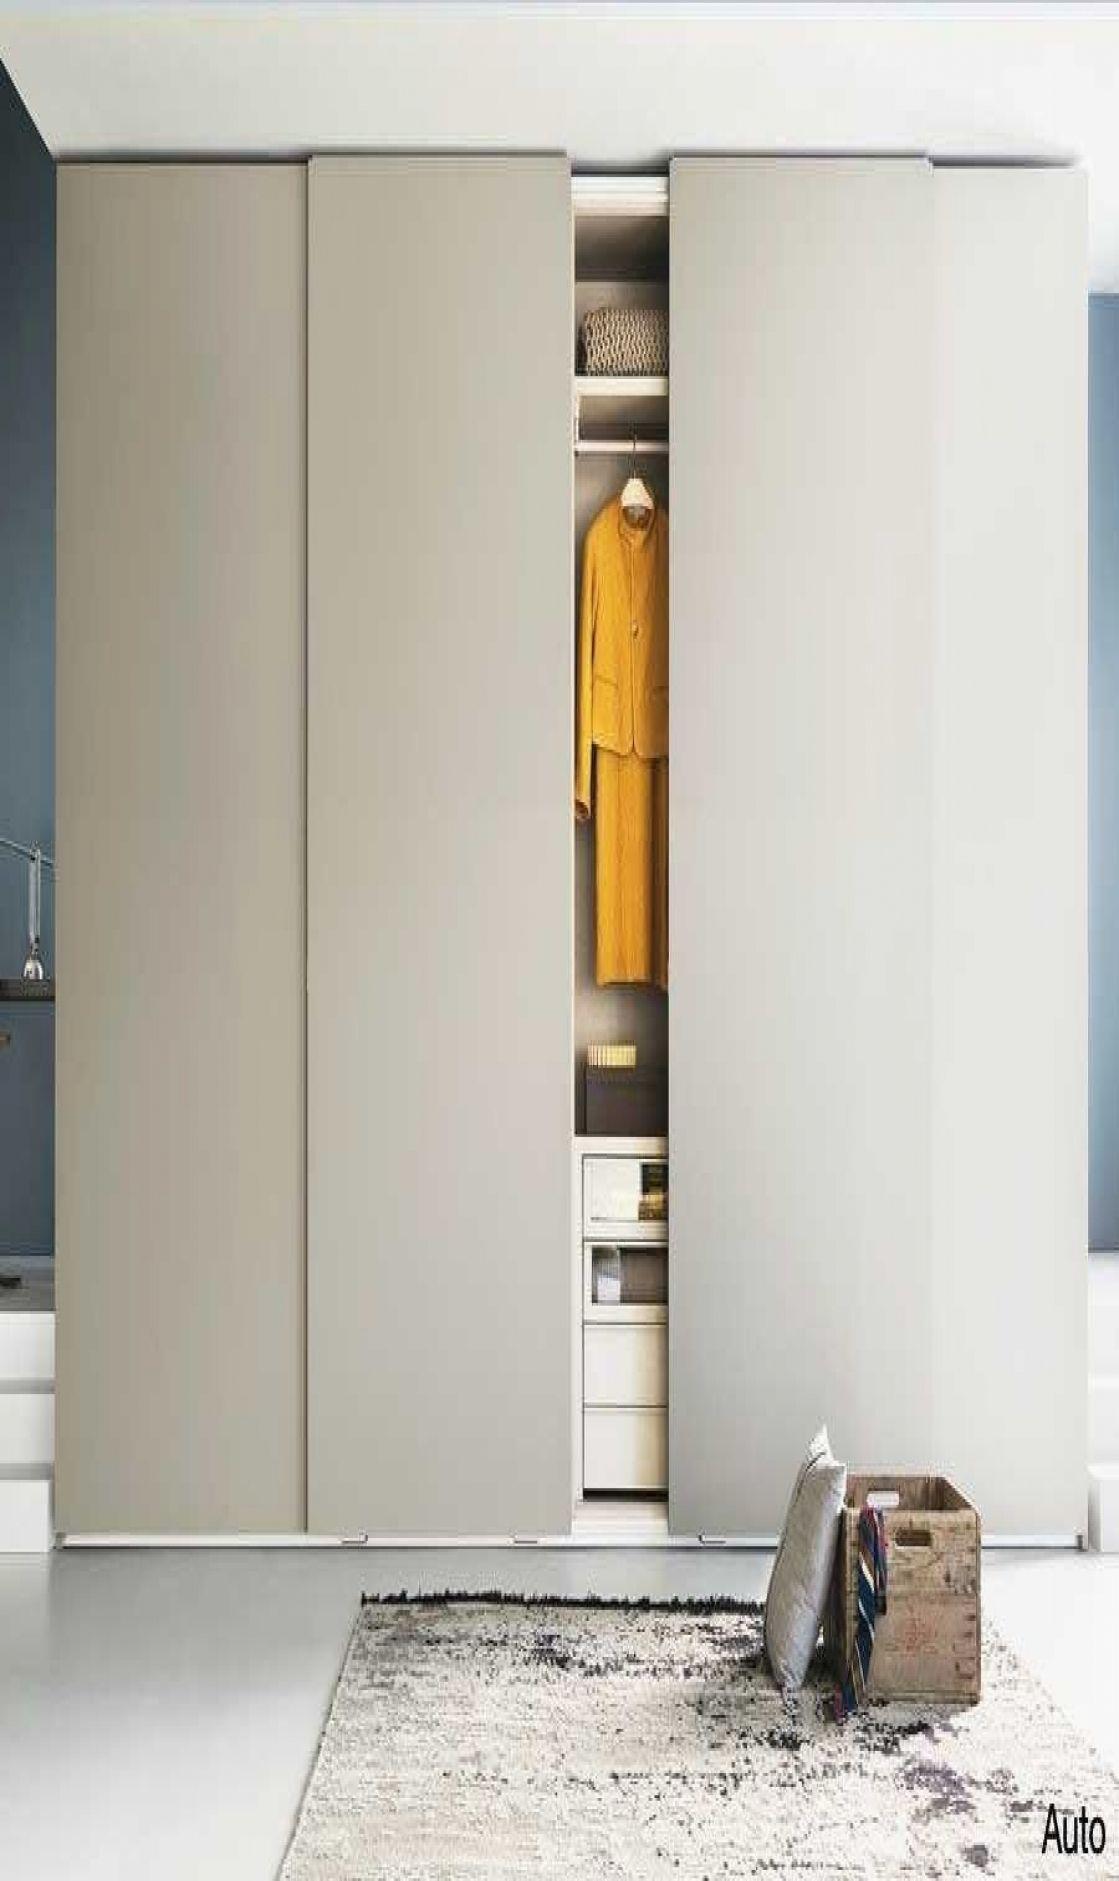 24 Schon Schrank Orientalisch In 2020 Ikea Schrank Schrank Selbst Gestalten Schrank Design